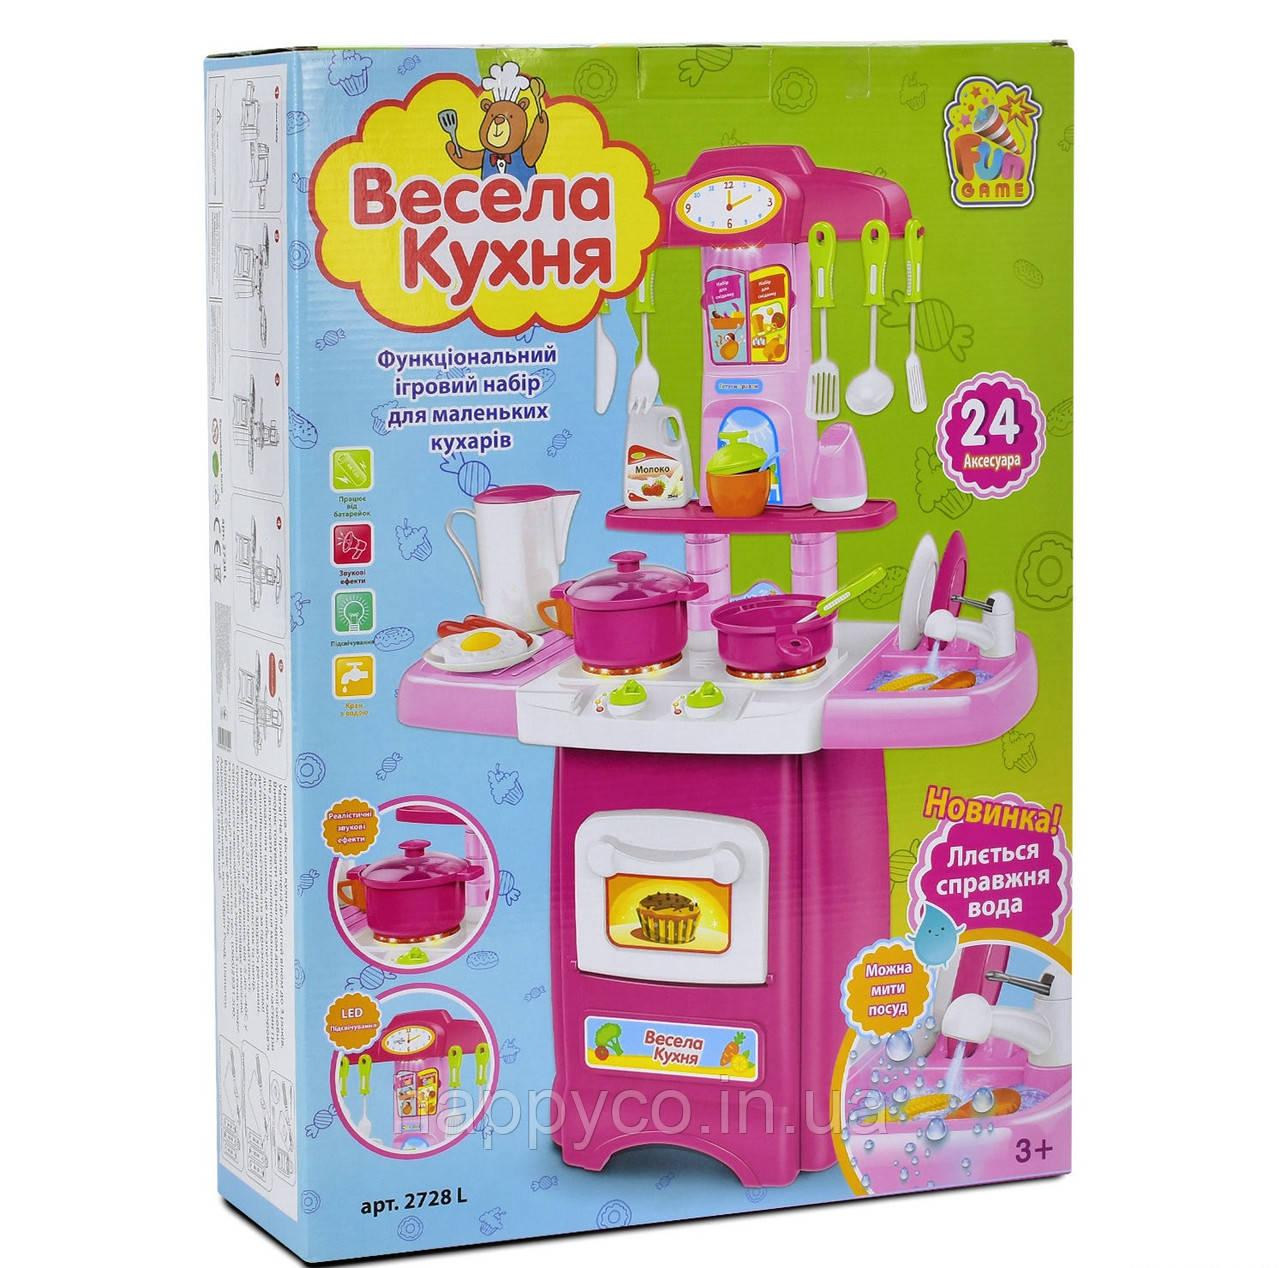 Кухня детская, световые и звуковые эффекты